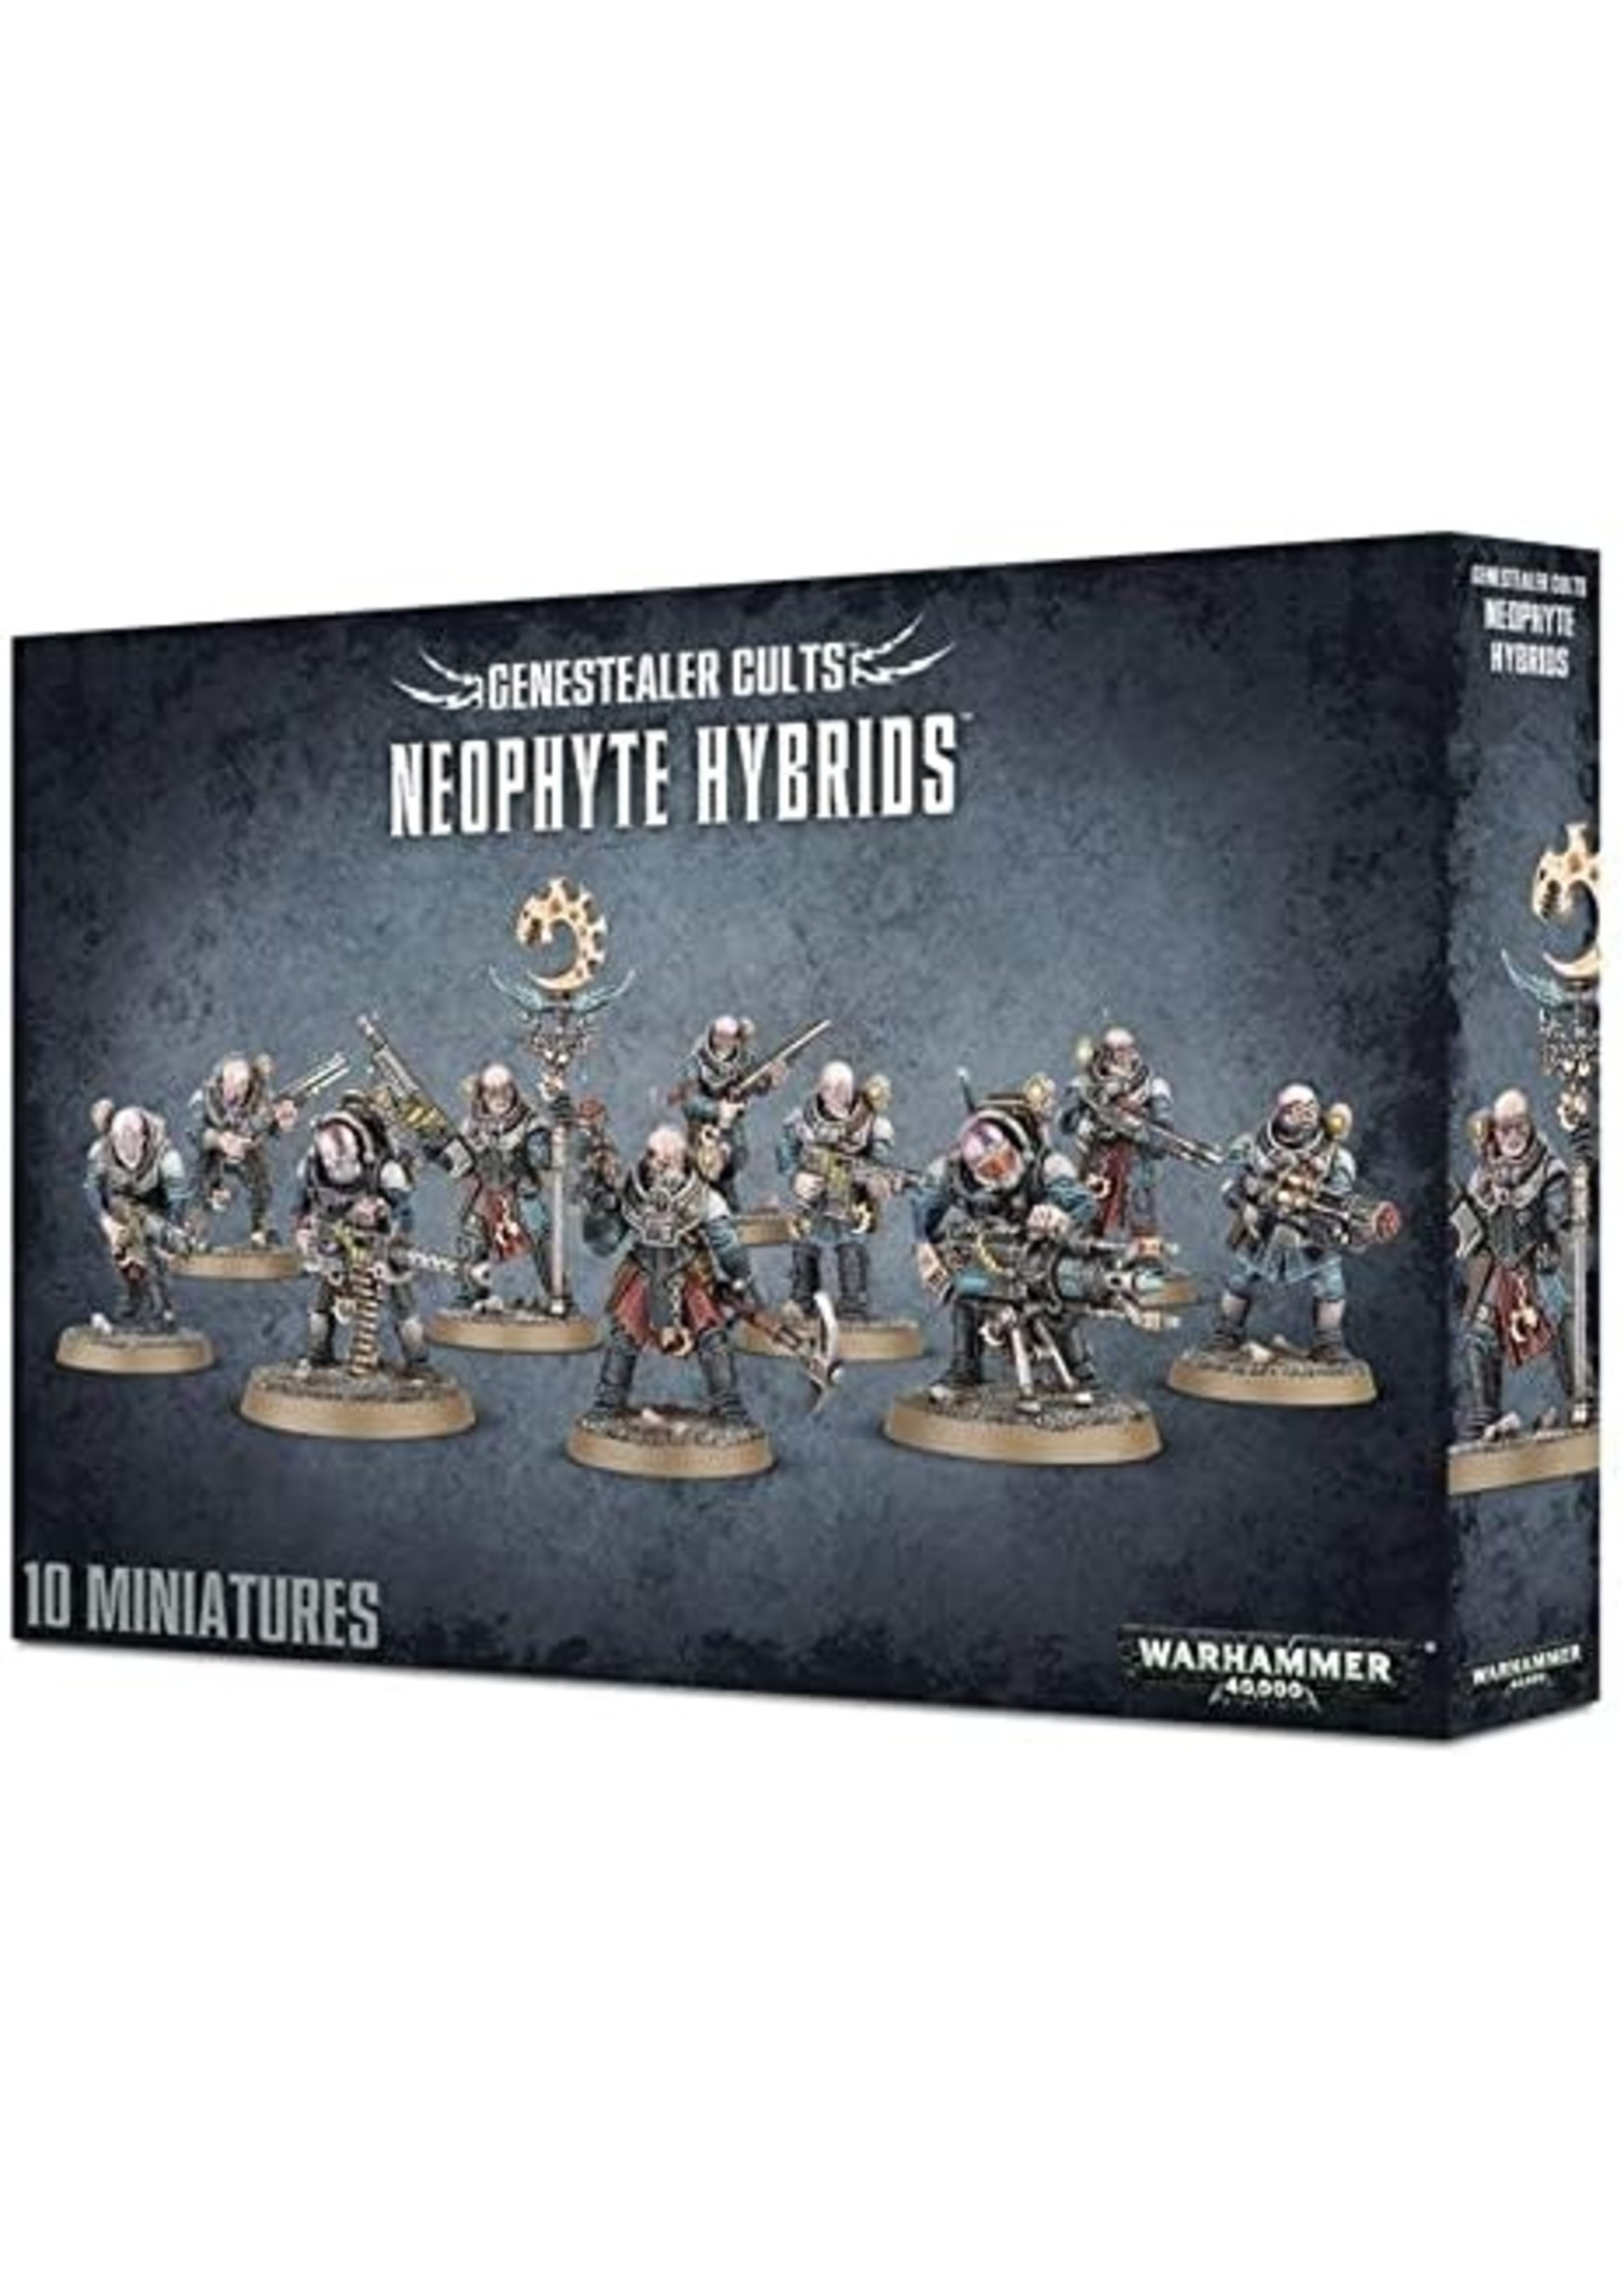 Gene-Stealer Cults Neophyte Hybrid Squad (40K)